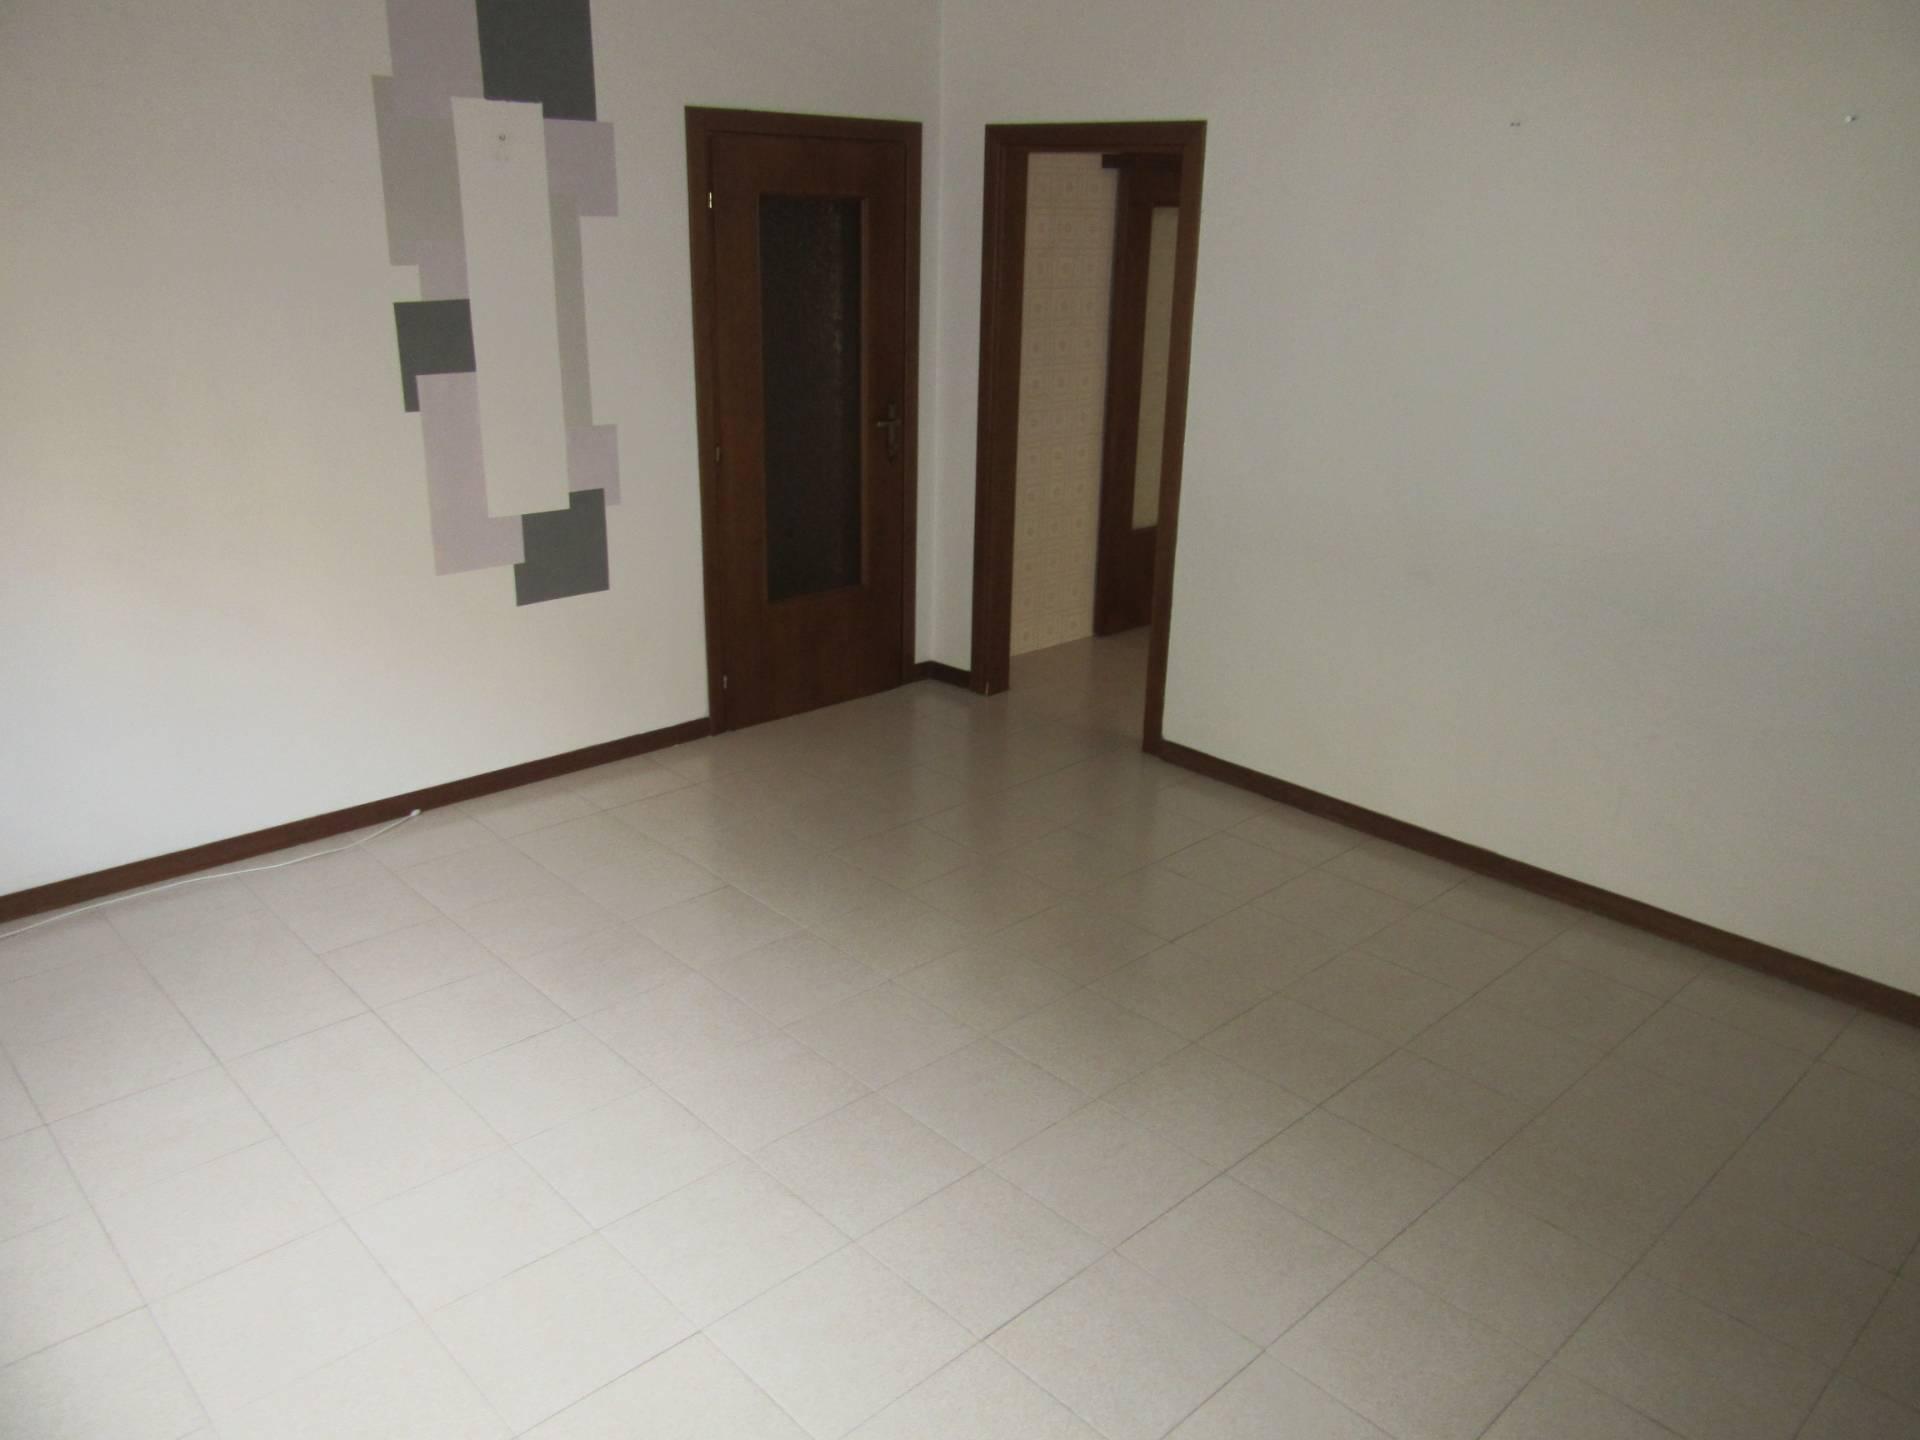 Appartamento in vendita a Lumezzane, 4 locali, zona Località: LumezzaneSanSebastiano, prezzo € 106.000 | CambioCasa.it